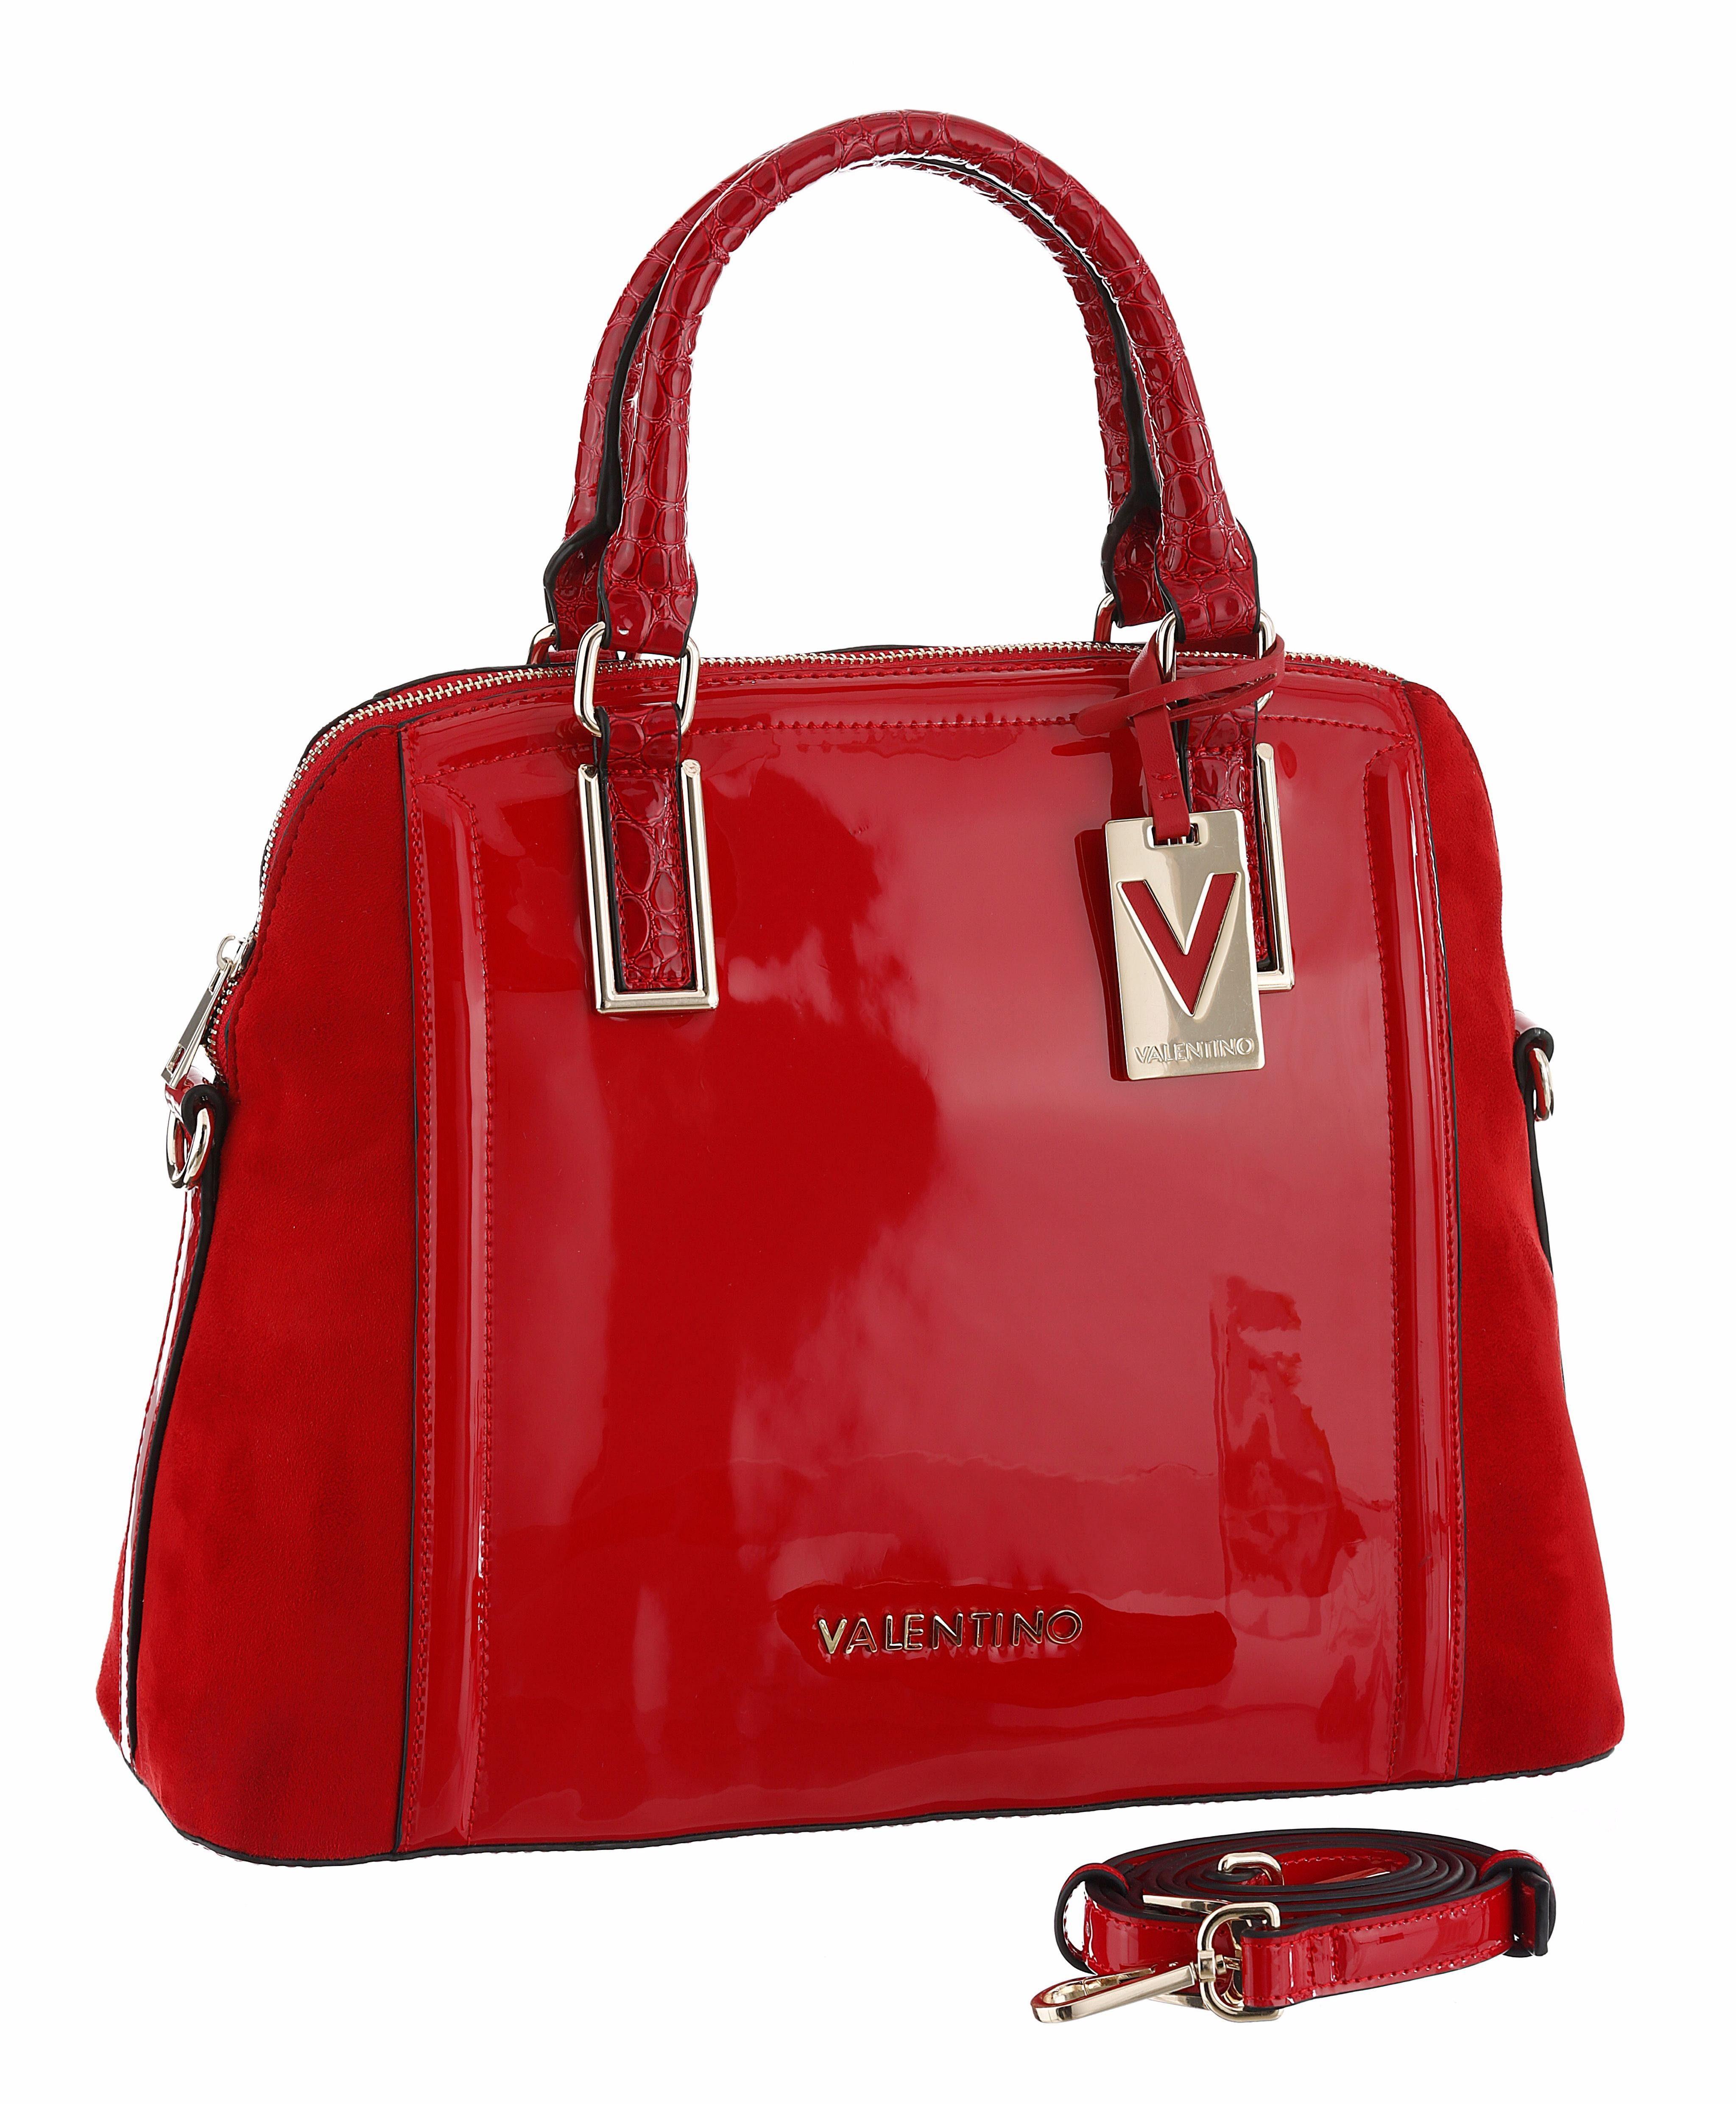 Valentino handbags Henkeltasche